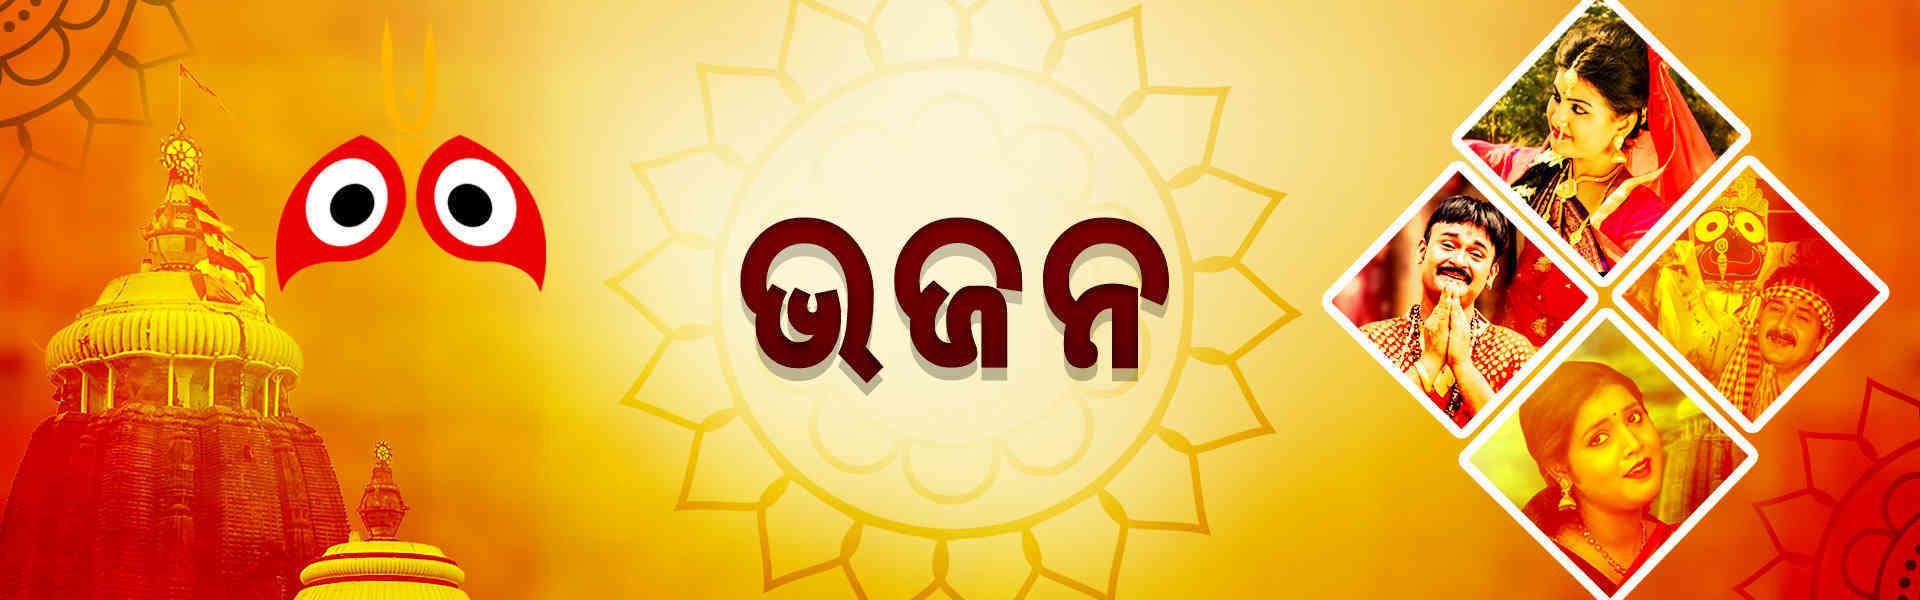 Bhajan's